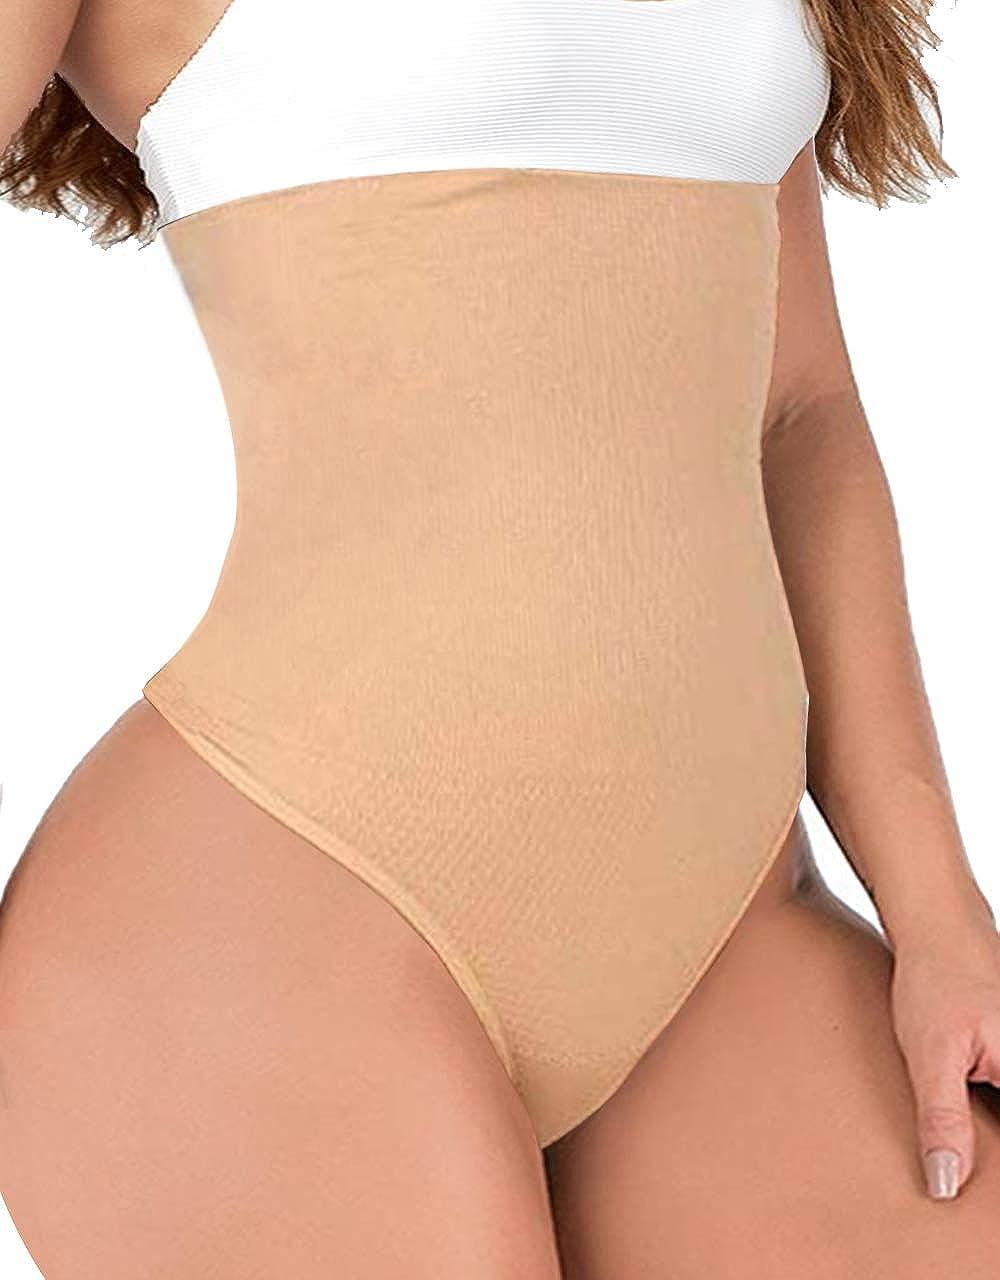 VENDAU Shapewear for Women Tummy Control Waist Shapewear Thong Body Shaper for Women Girdle for Women Tummy Control